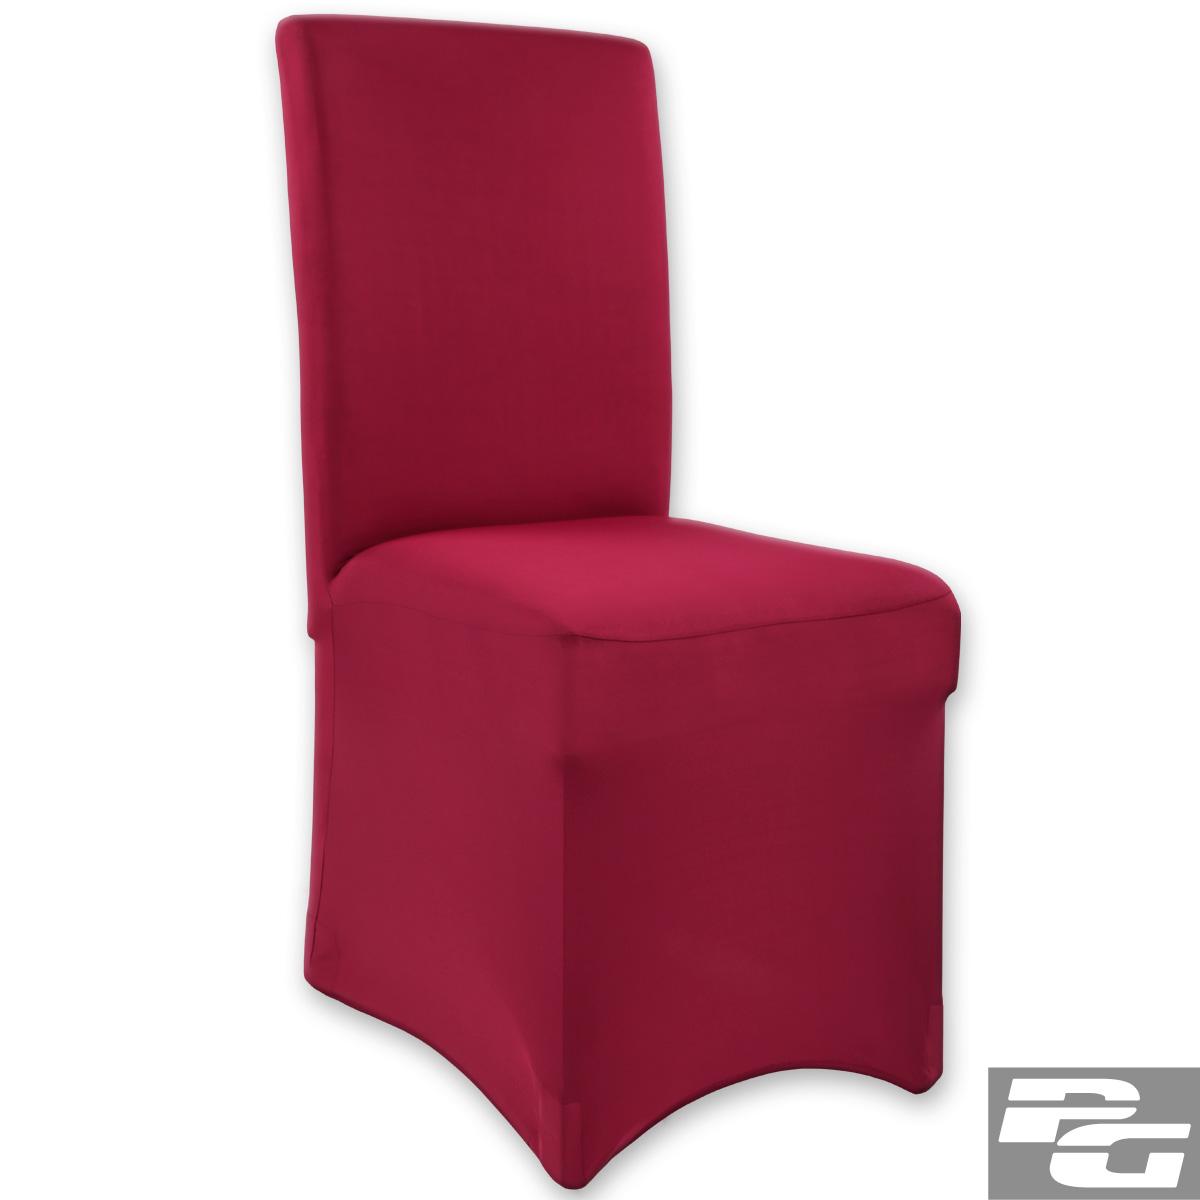 gr fenstayn stuhlhusse stretch universal stuhl berzug stuhlbezug stuhl hussen ebay. Black Bedroom Furniture Sets. Home Design Ideas